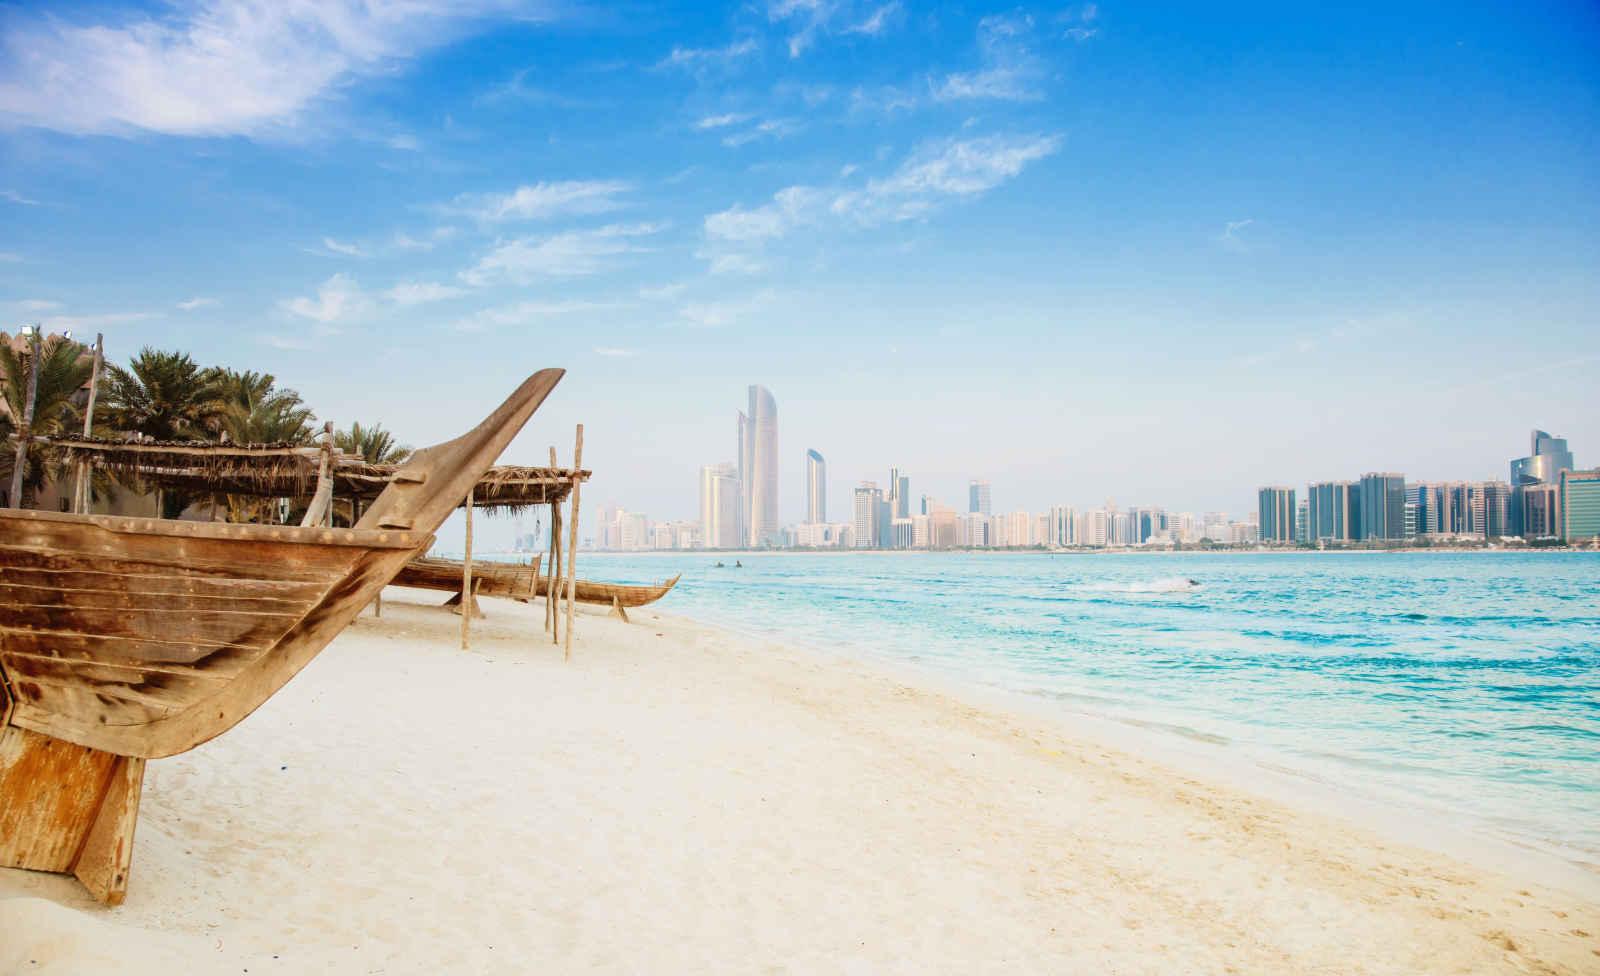 Plage, Abou Dhabi